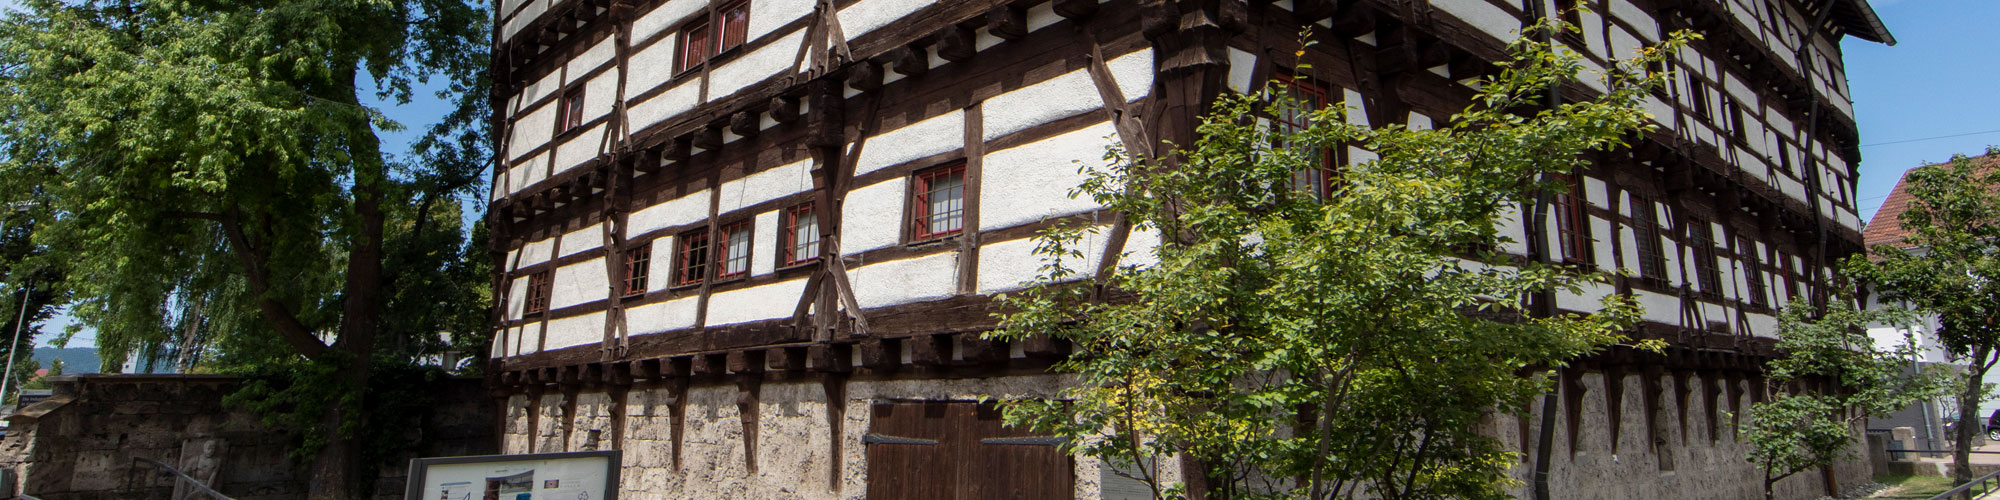 Museum im alten Bau